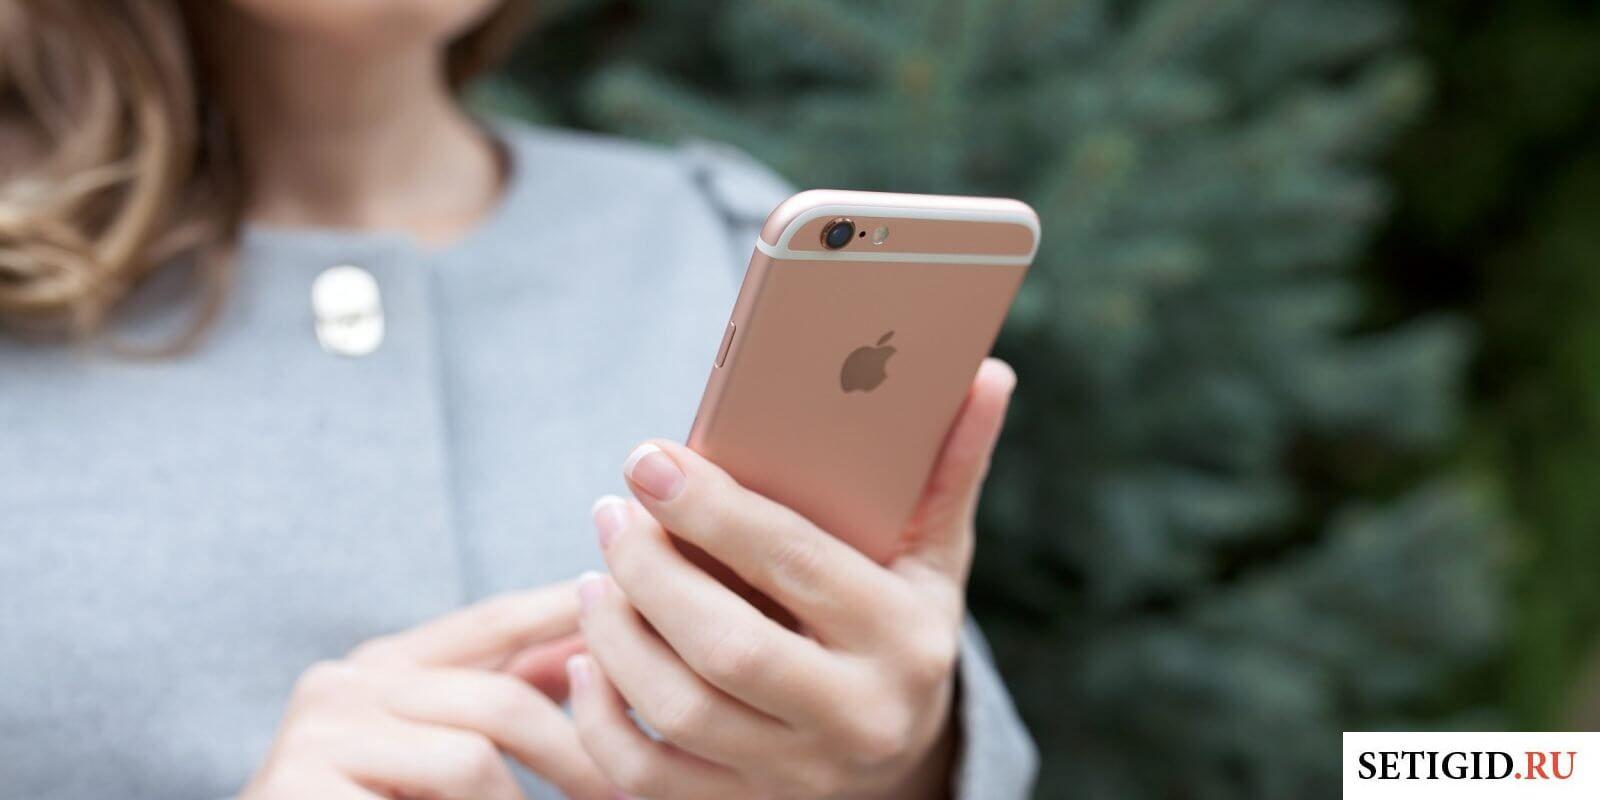 Девушка в серой кофте, держащая телефон в руках